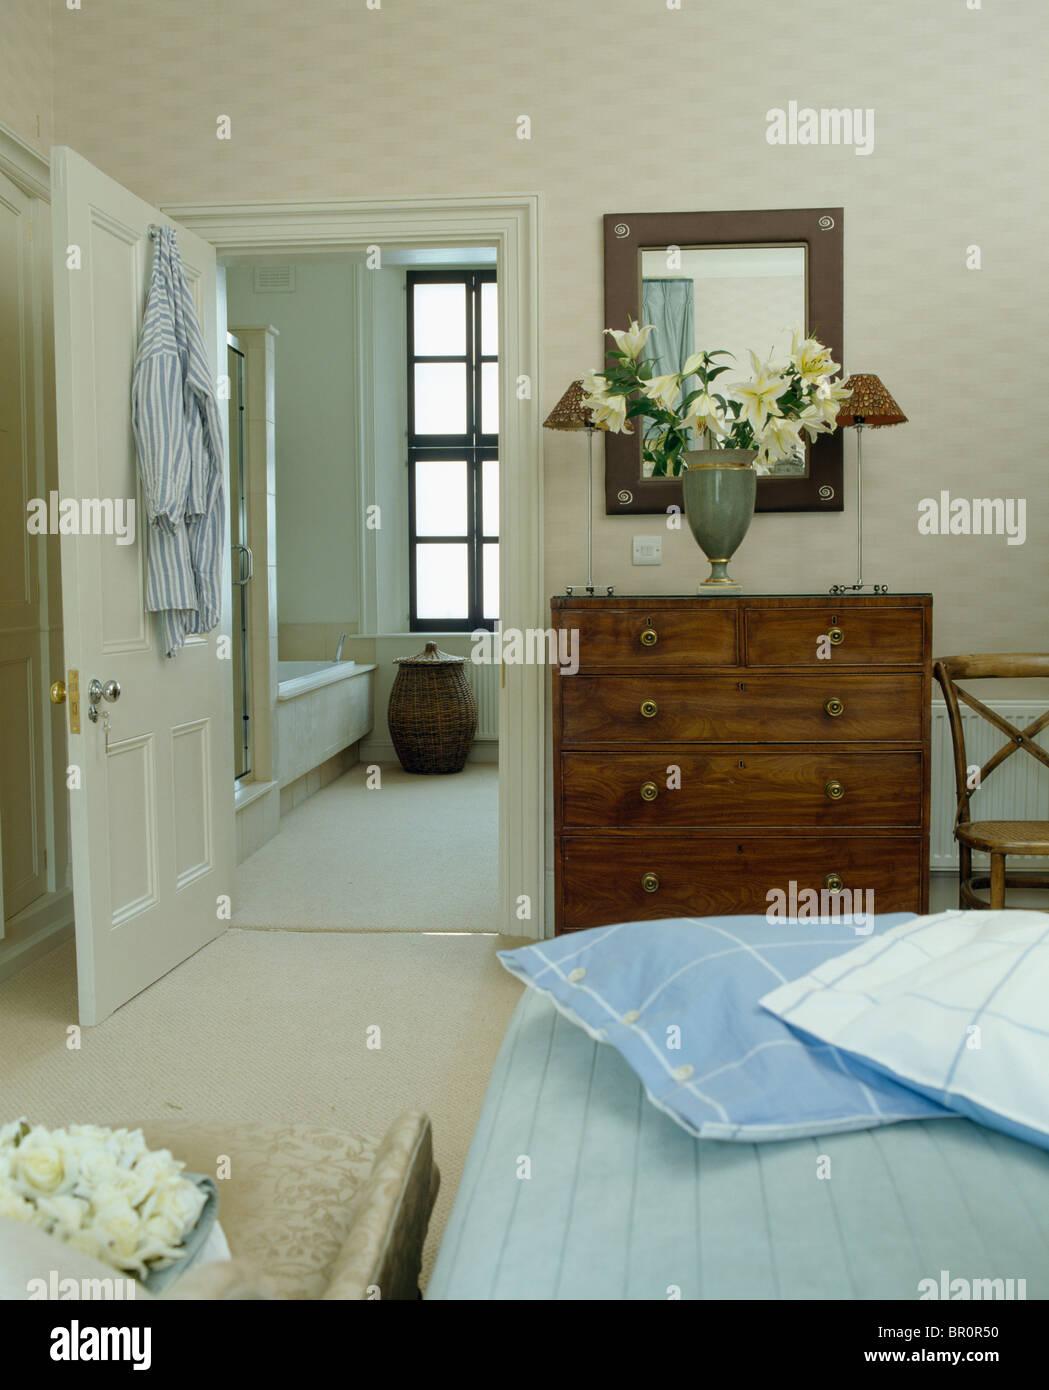 Blaue Und Weiße Kissen Auf Dem Bett Im Schlafzimmer Stadthaus Mit Antik  Kommode Neben Tür öffnen, En Suite Badezimmer